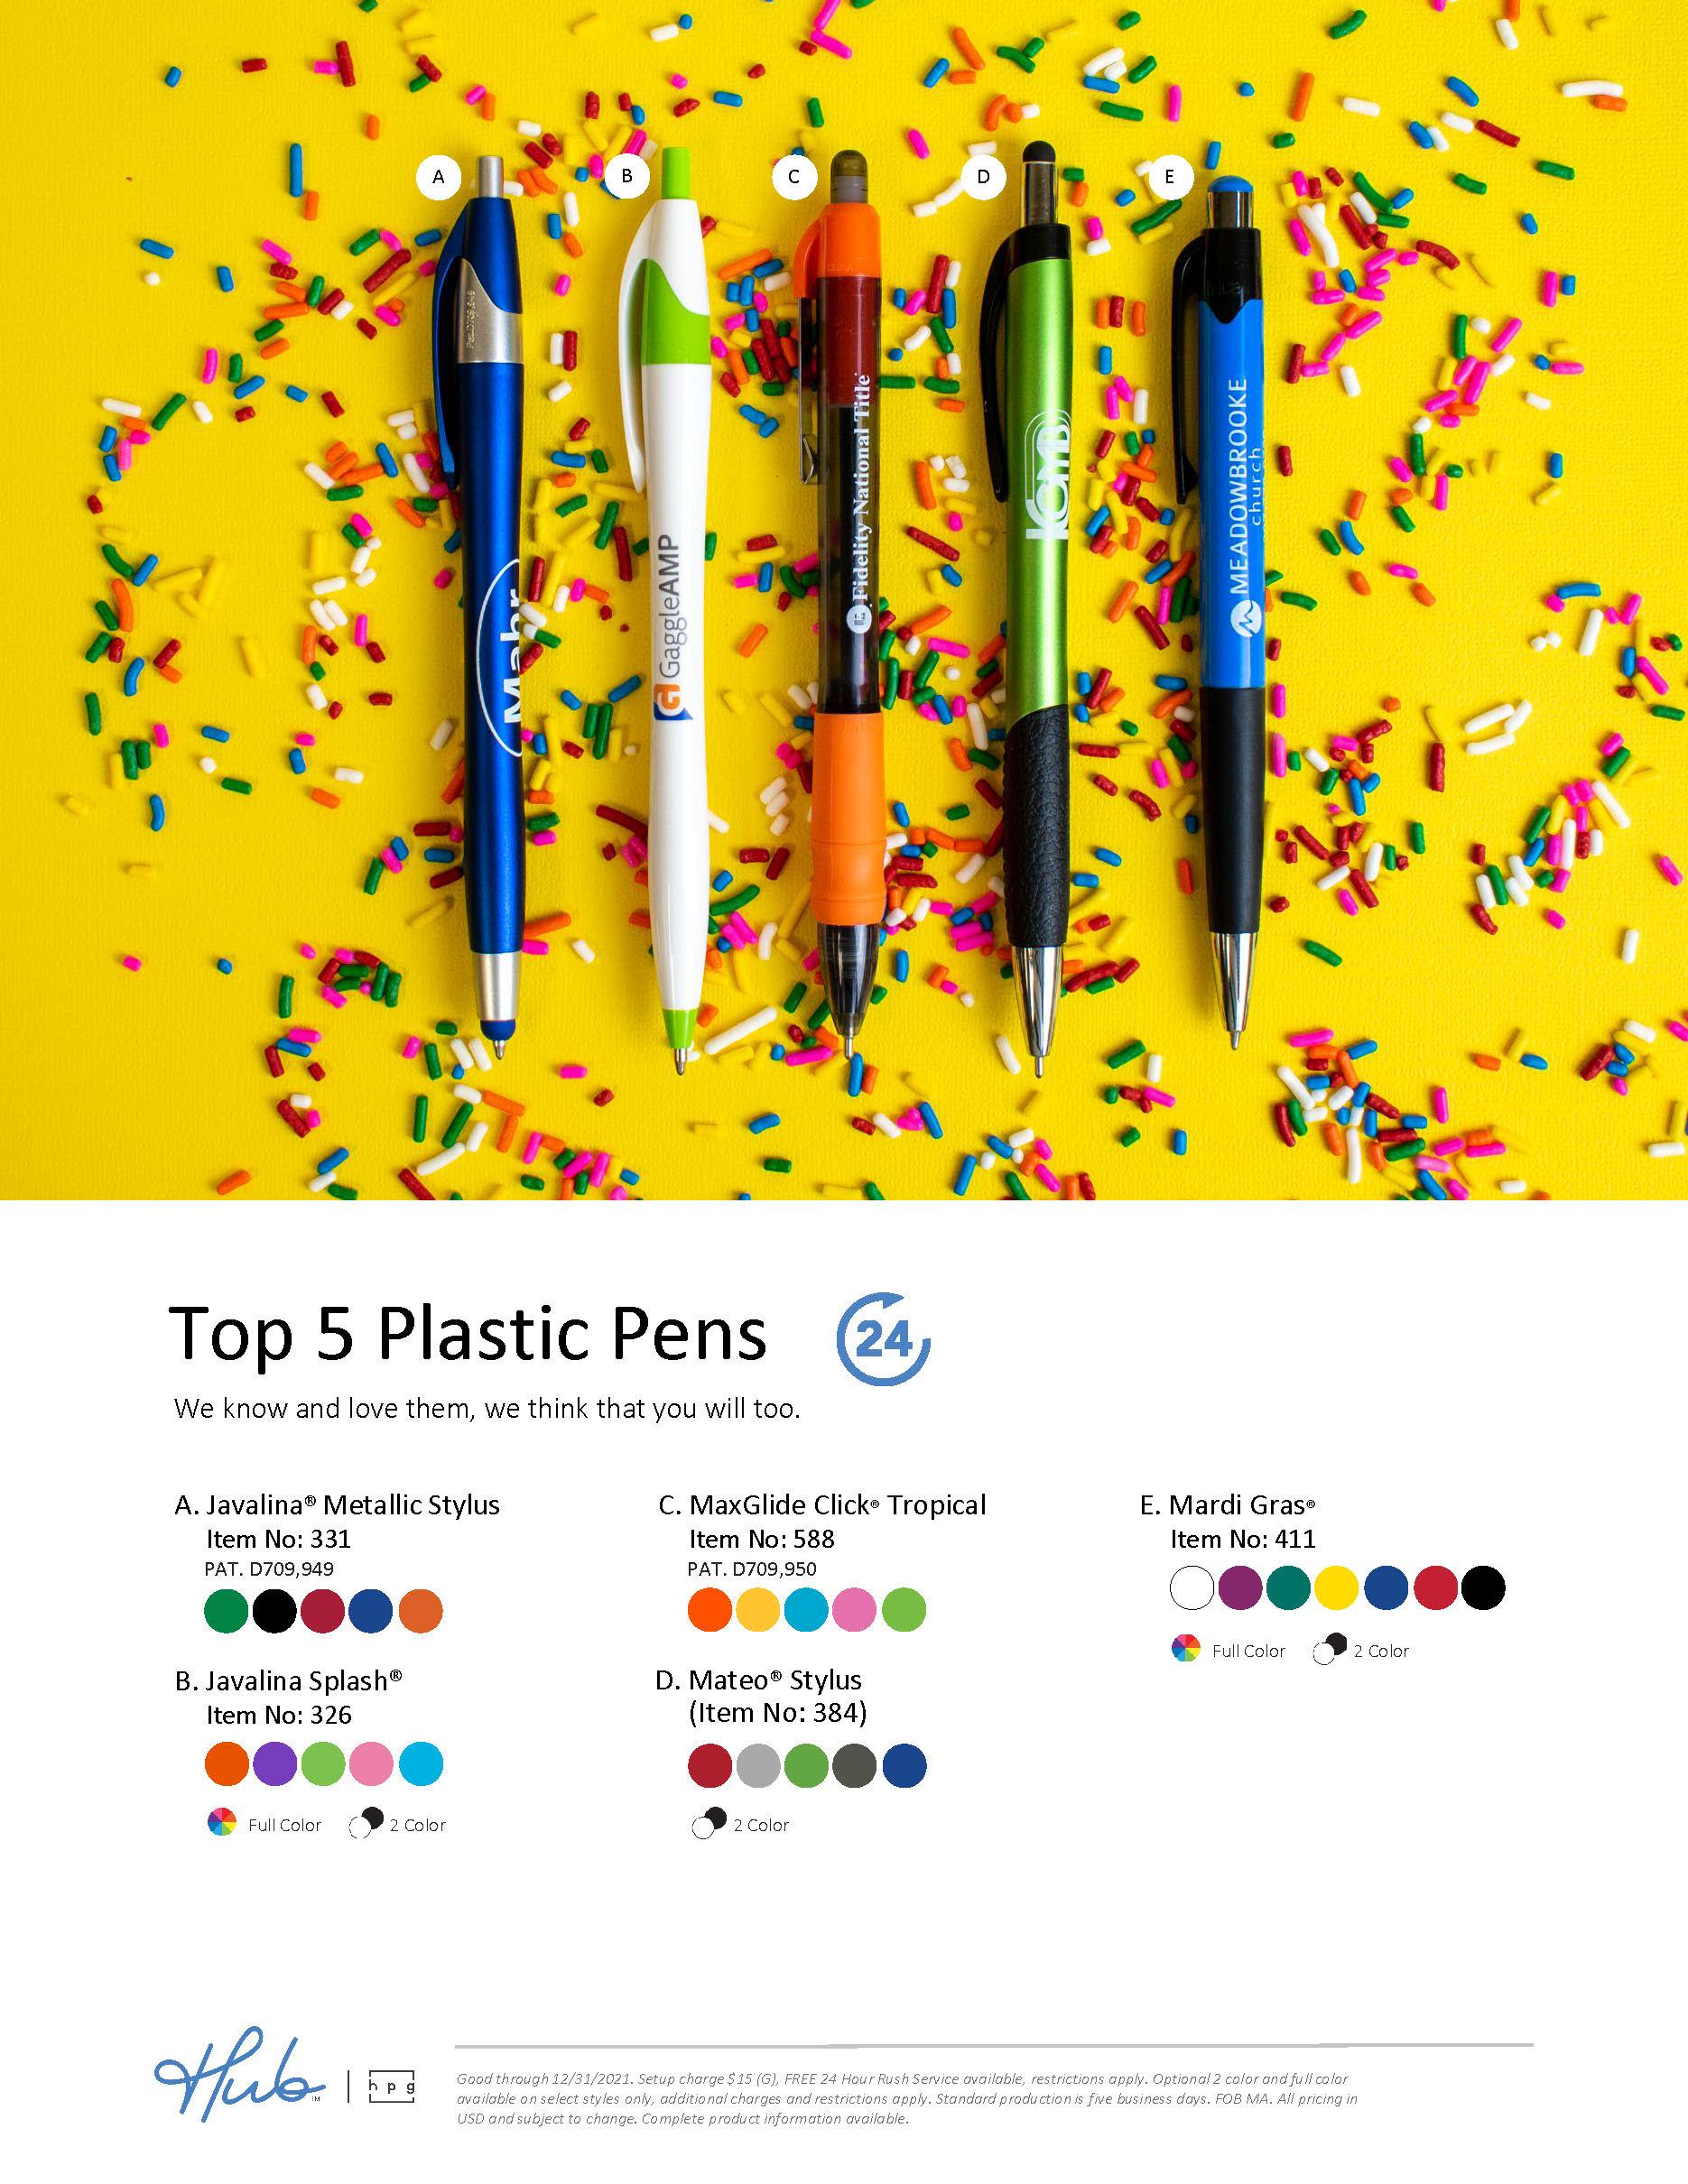 Top 5 Metal Pens Flyer (Hub branded)